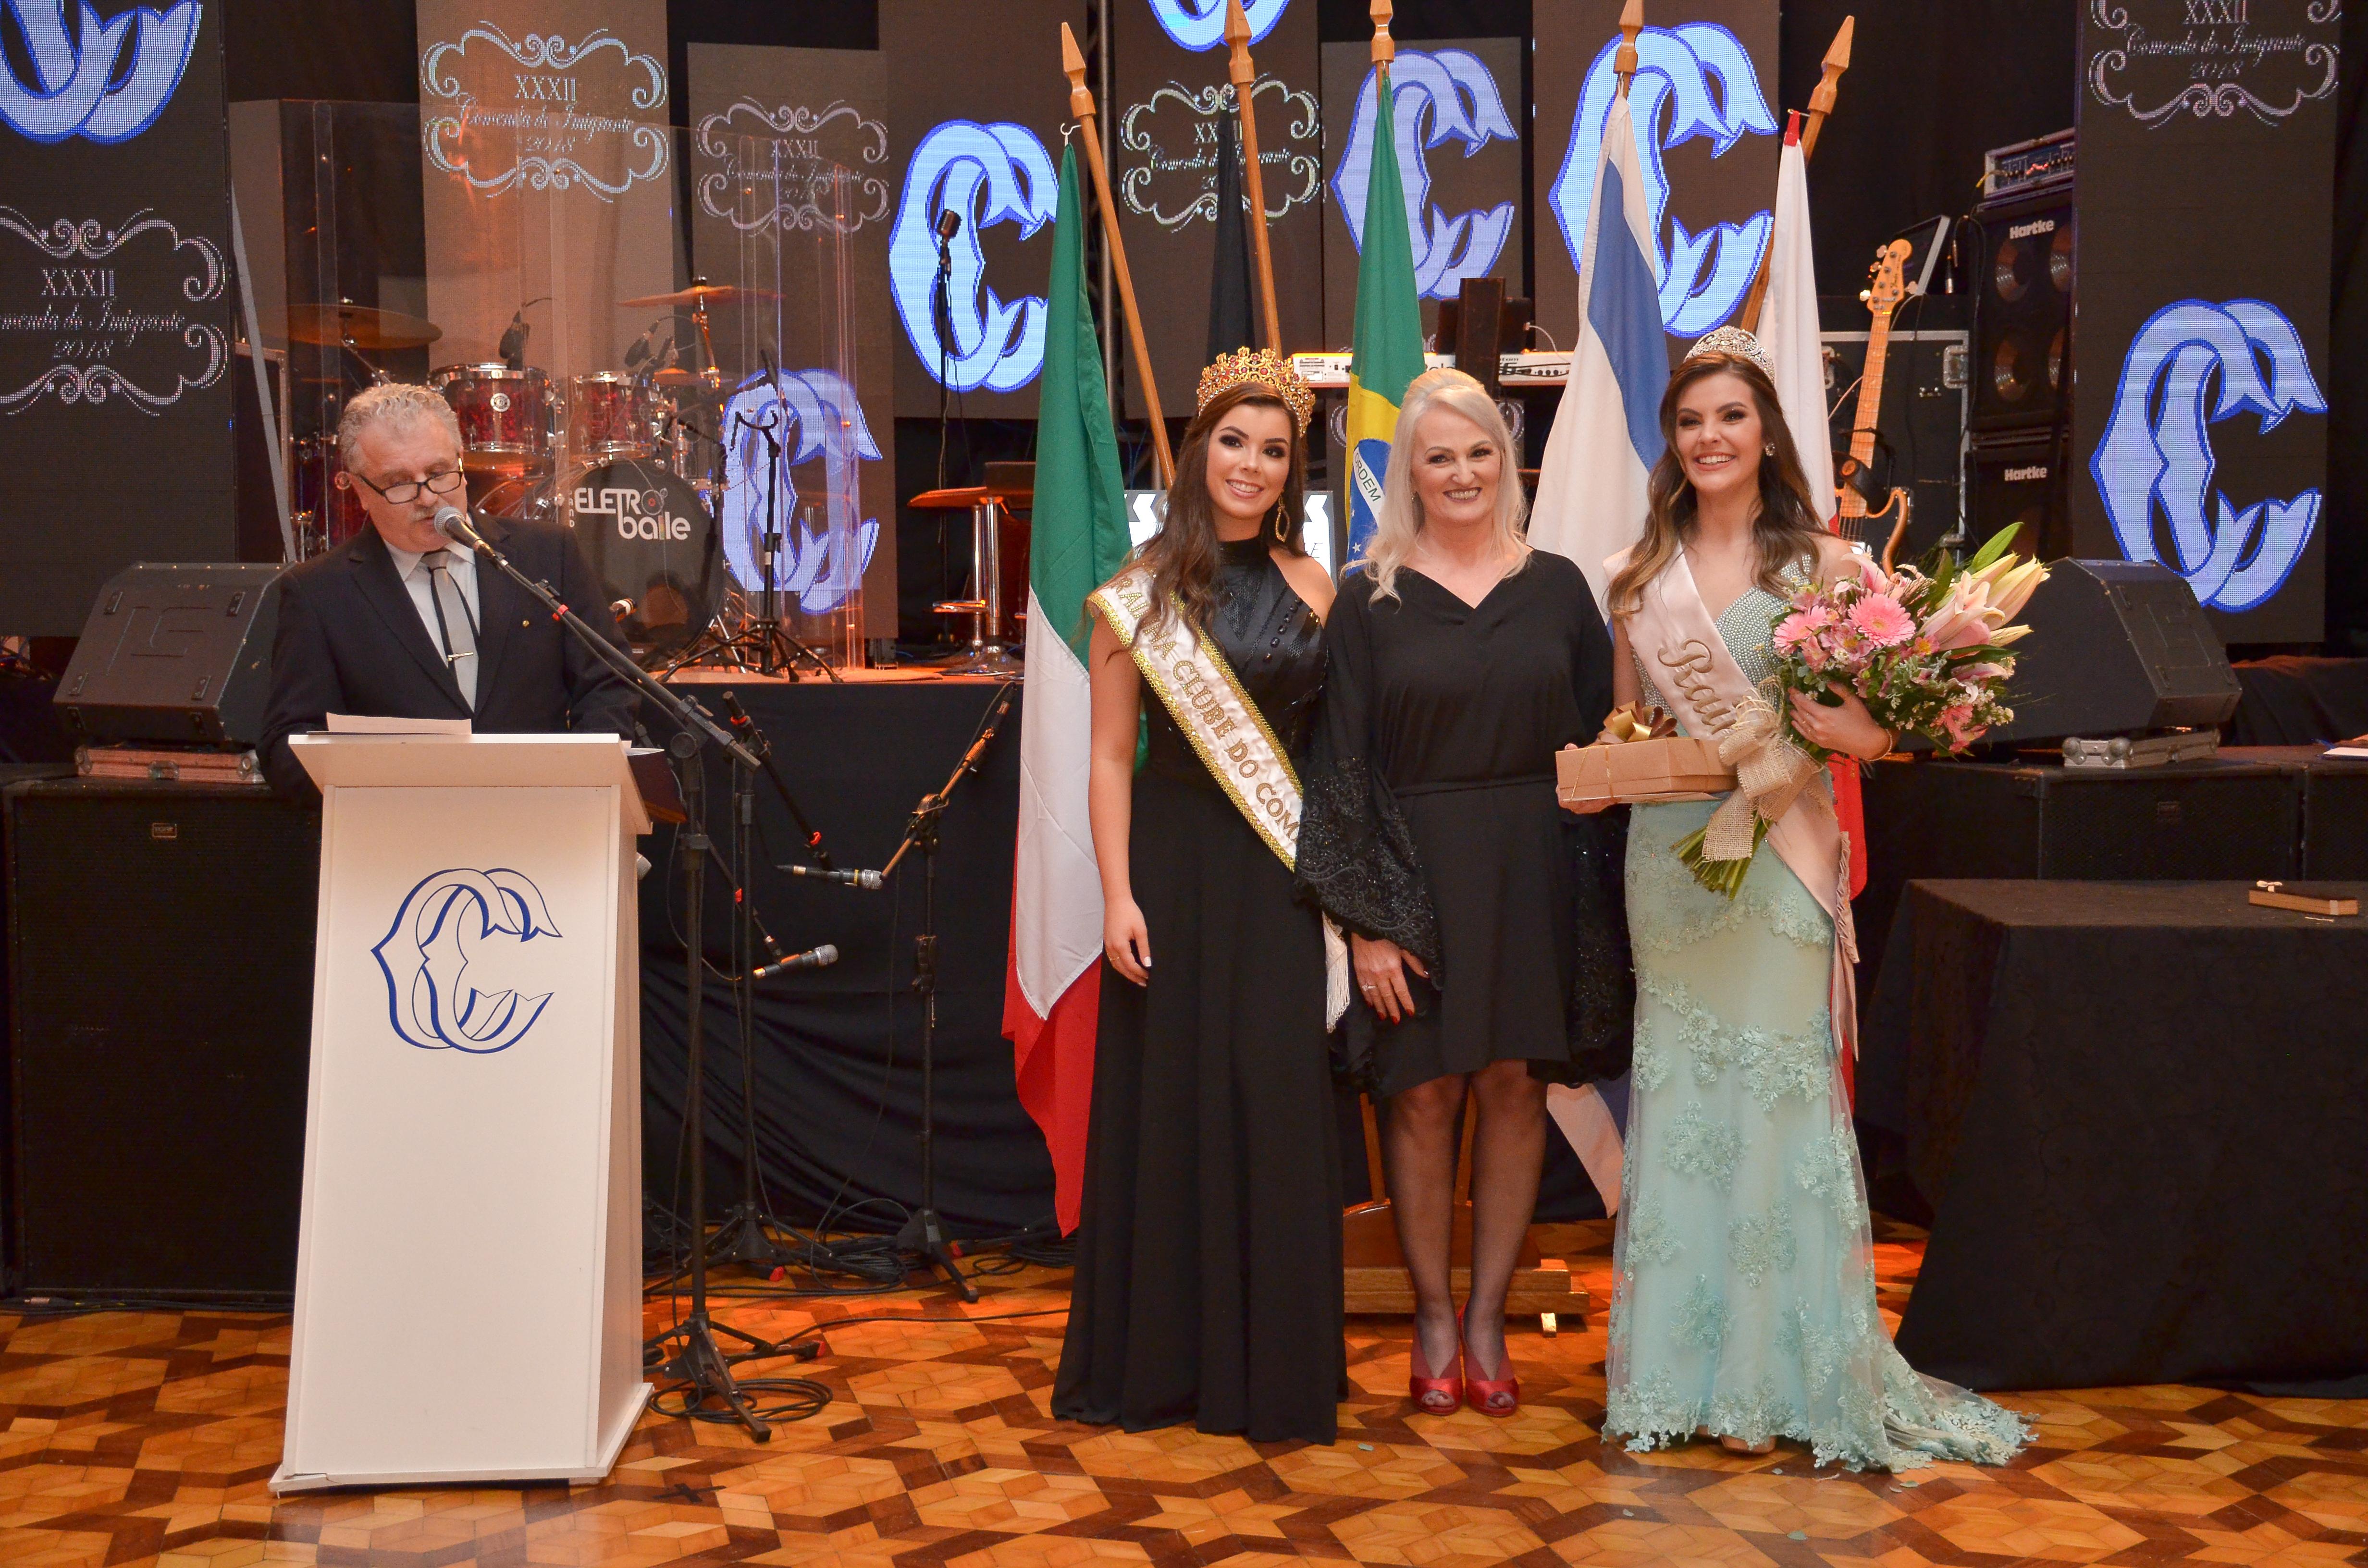 Presidente do CC, Luis Badalotti, em seu pronunciamento e prestando homenagem à Rainha da Frinape 2018, Talita Lorenzetti